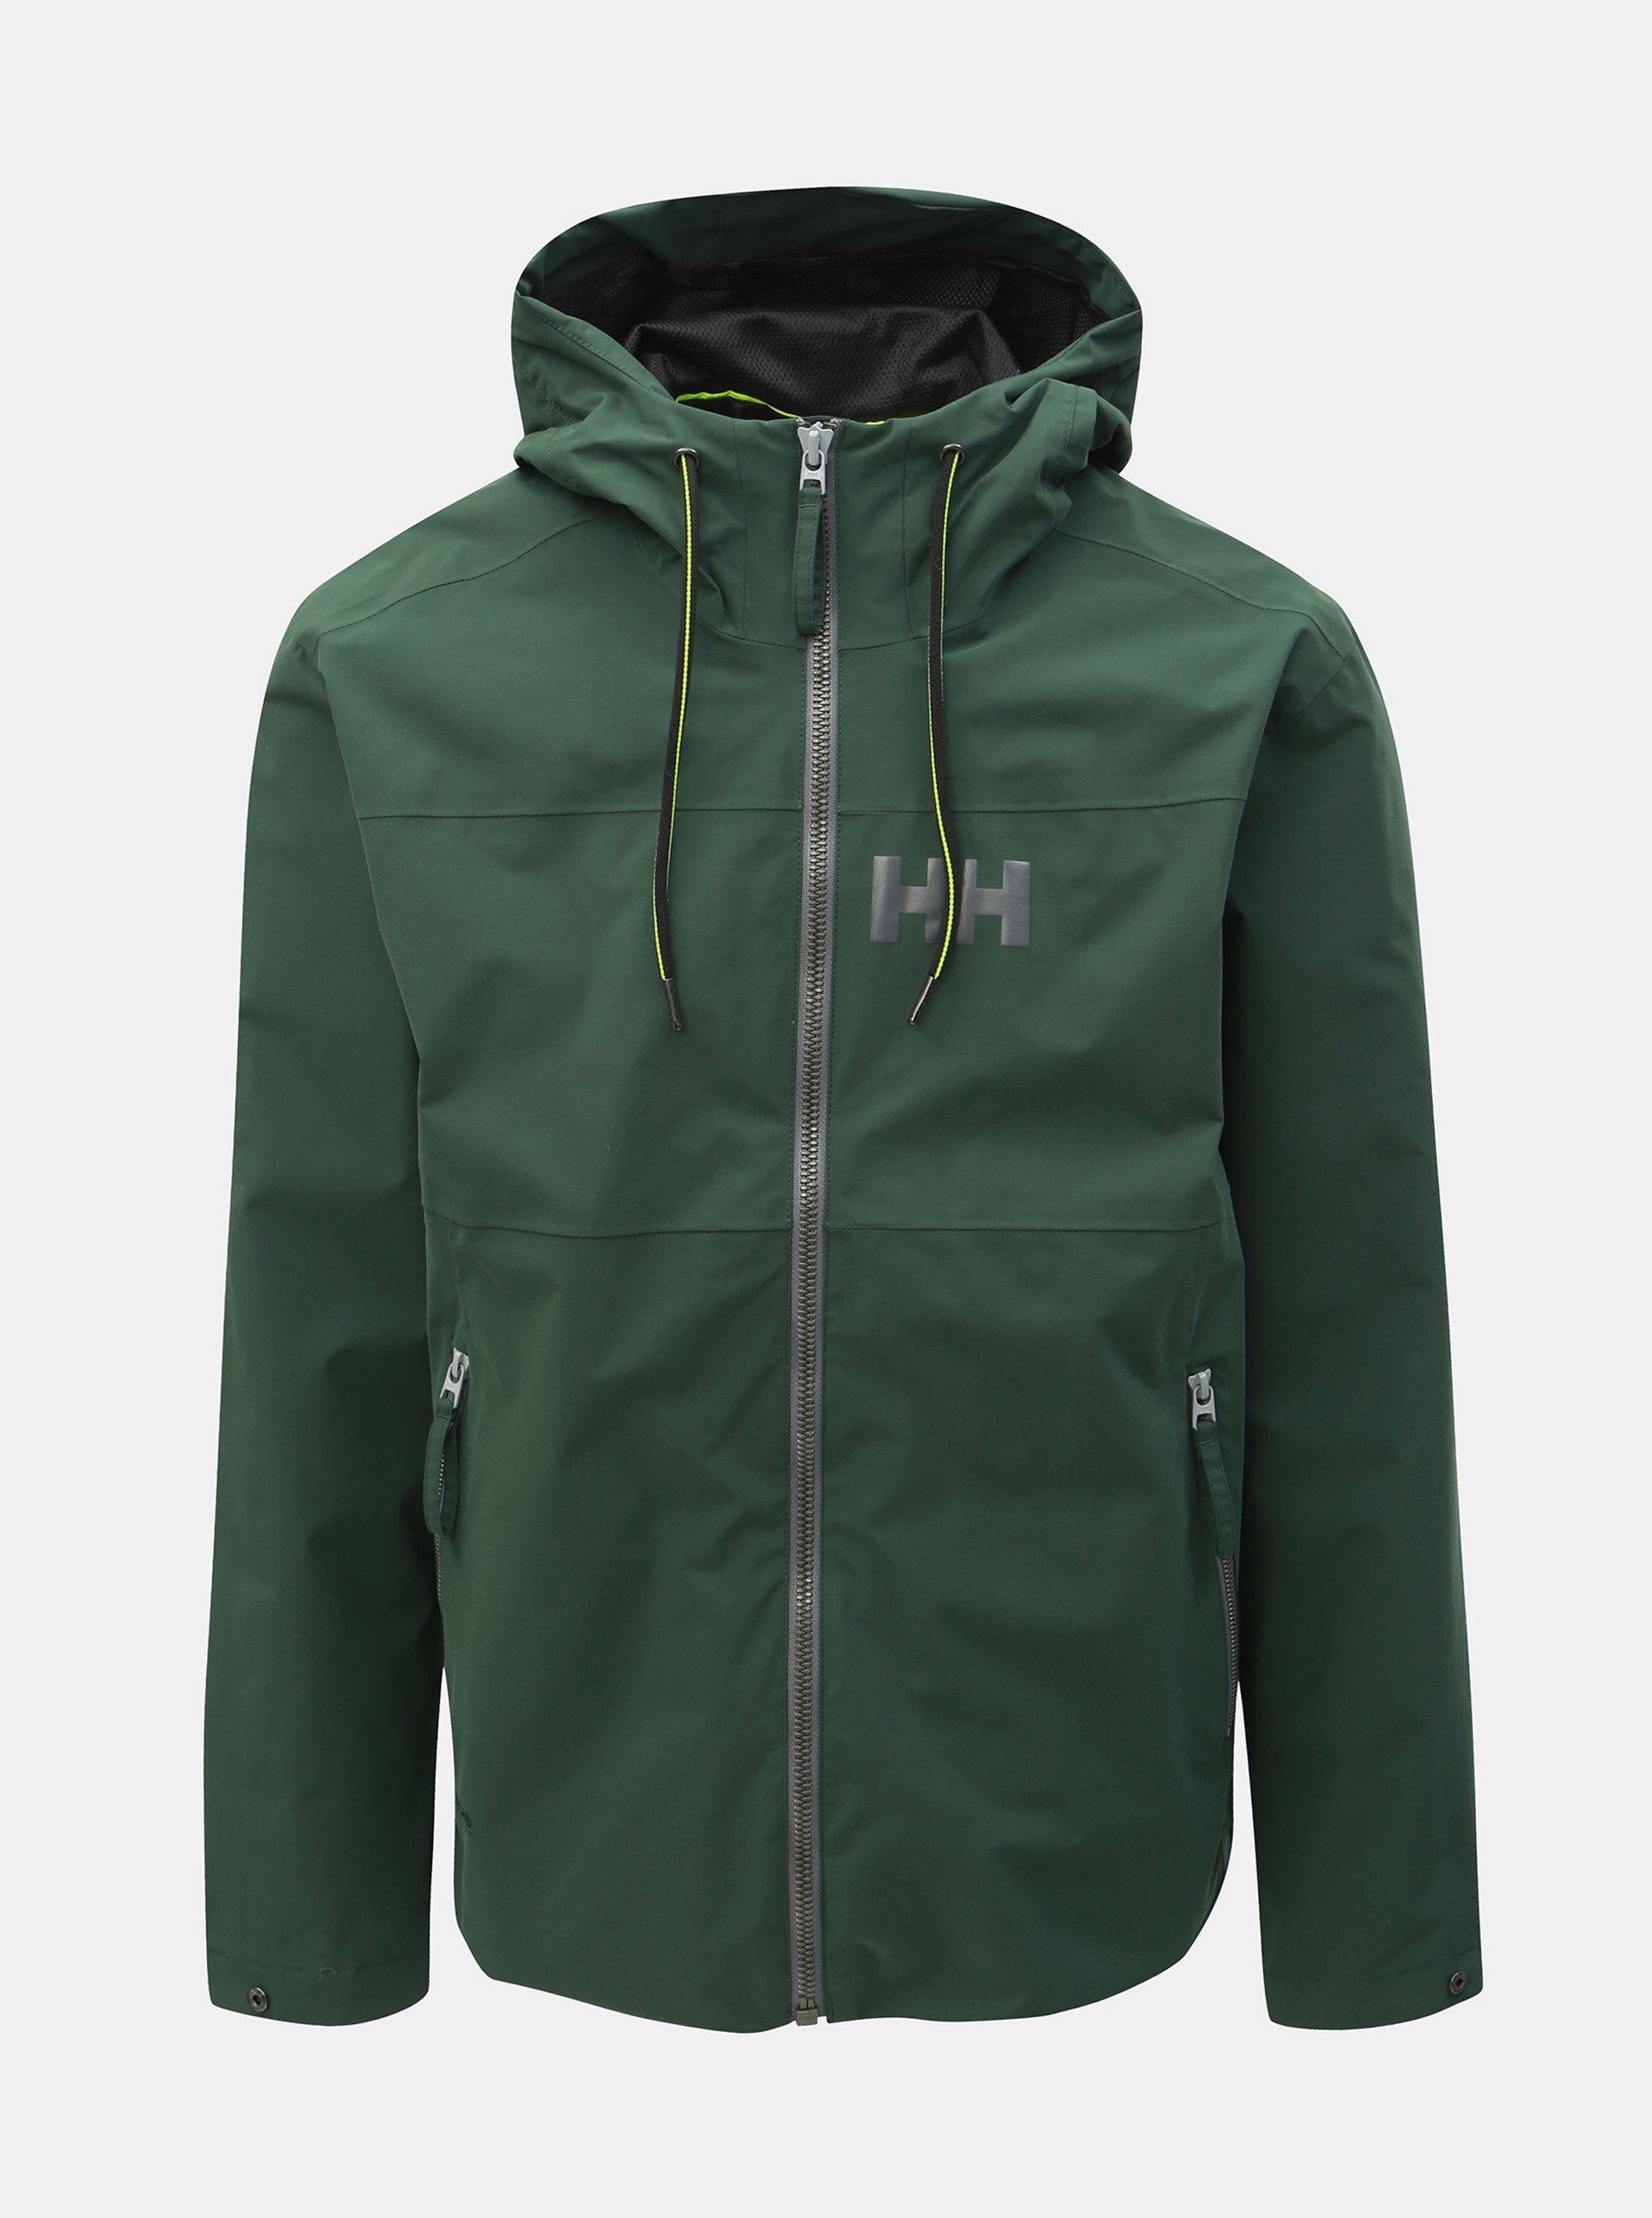 Tmavě zelená pánská nepromokavá lehká bunda HELLY HANSEN